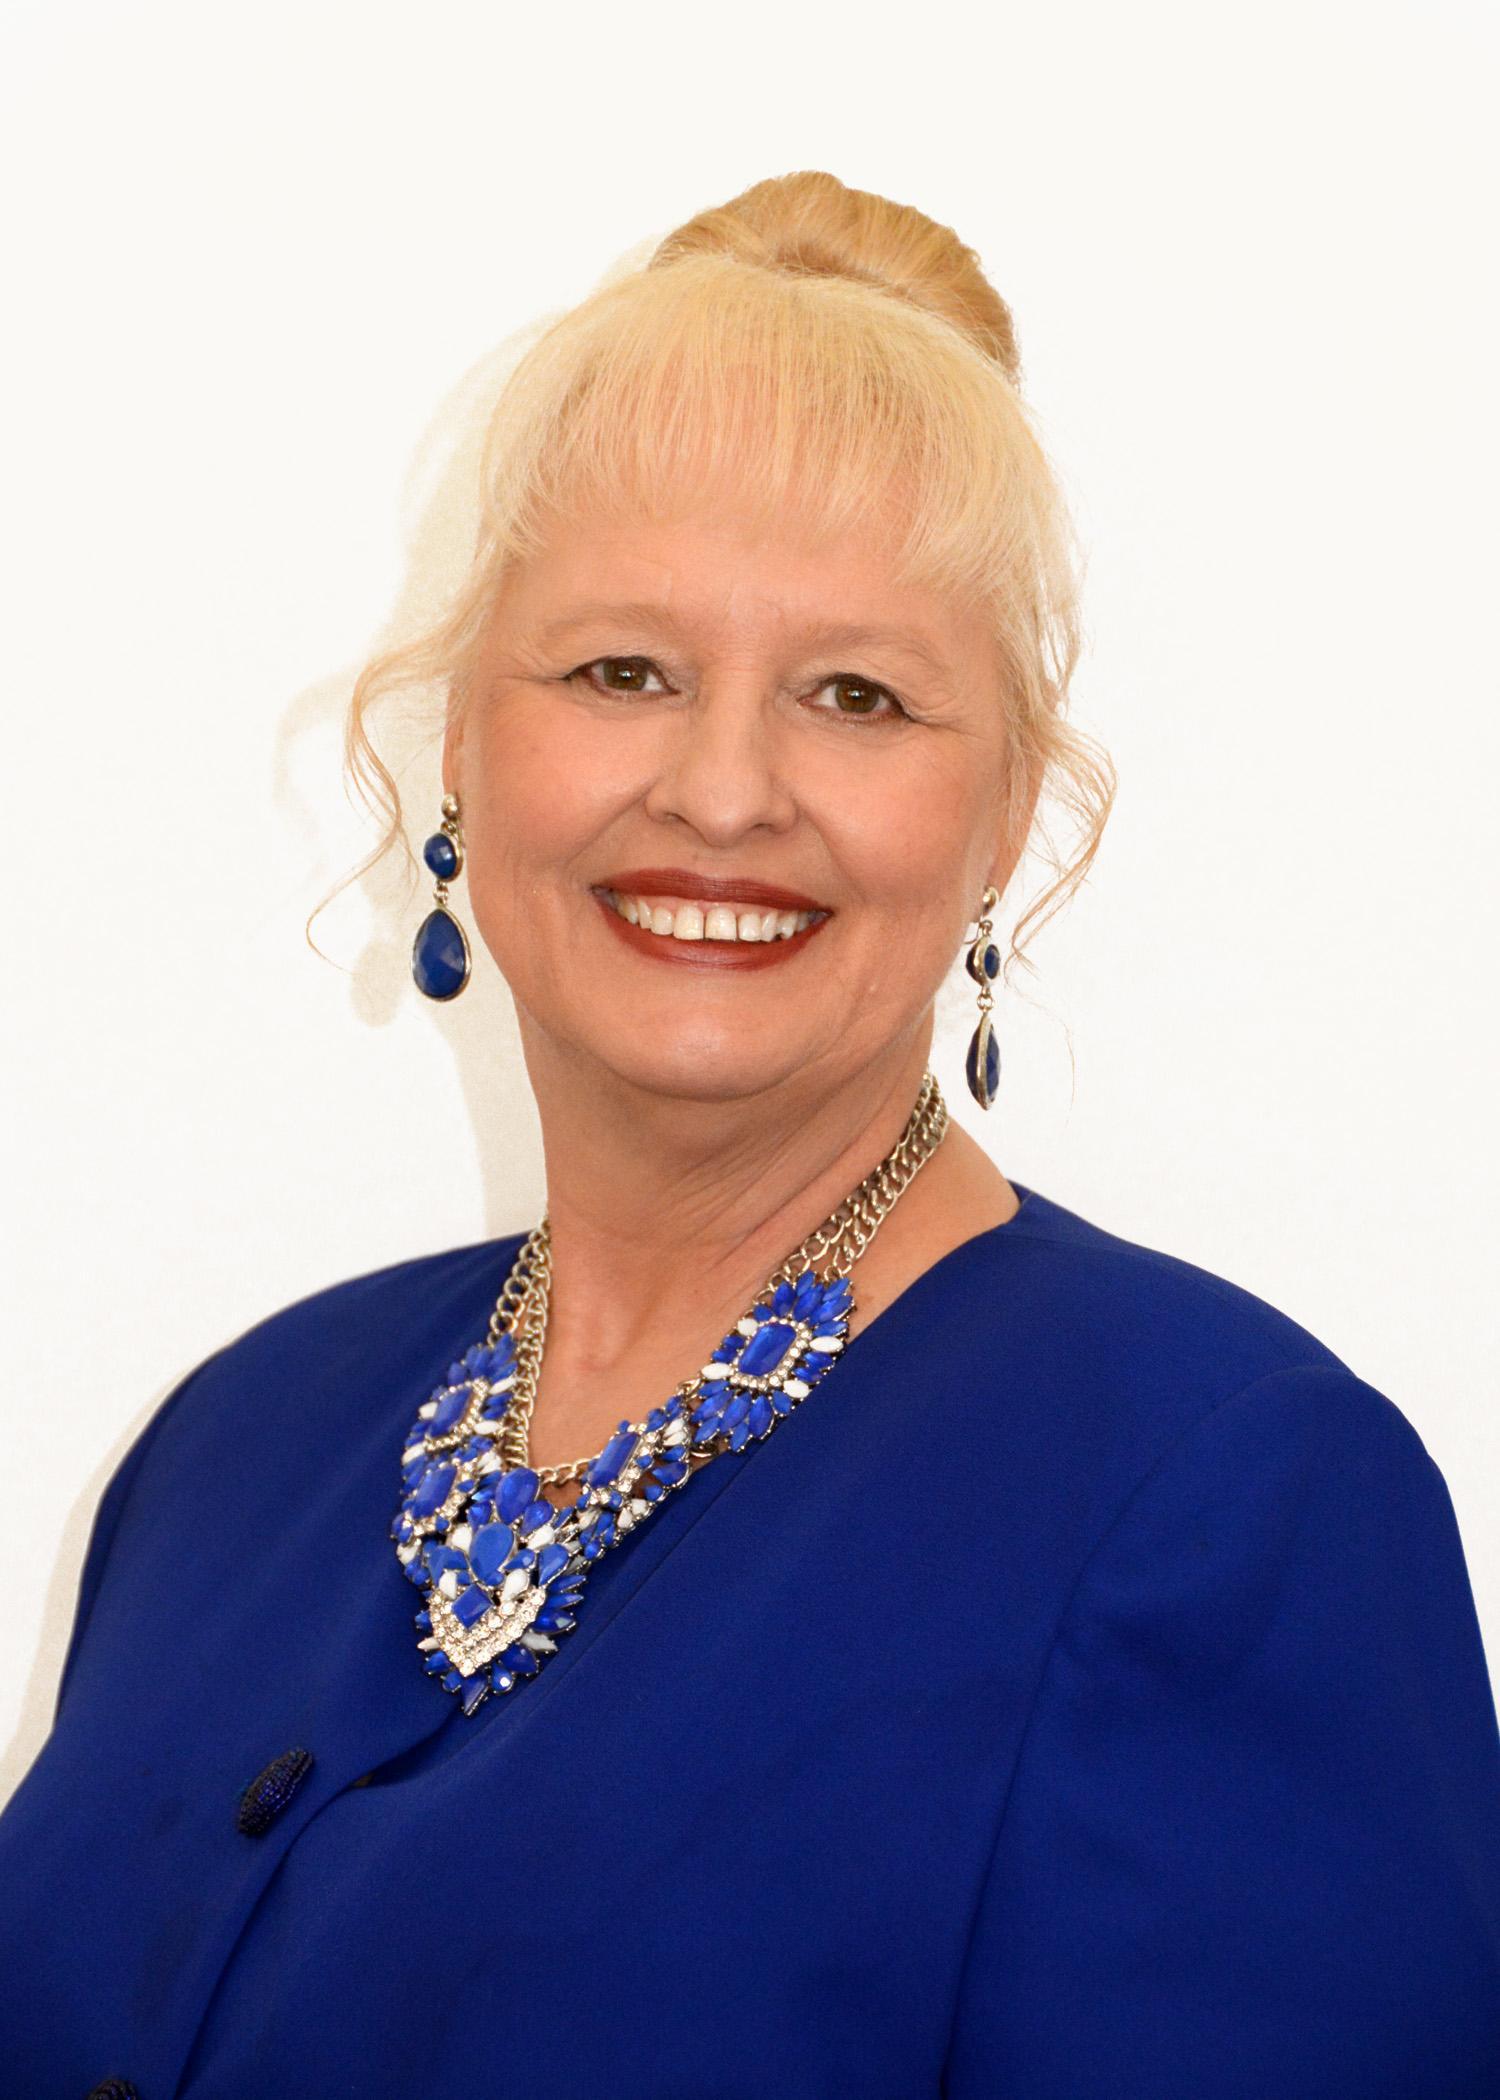 Jeannie Levinson